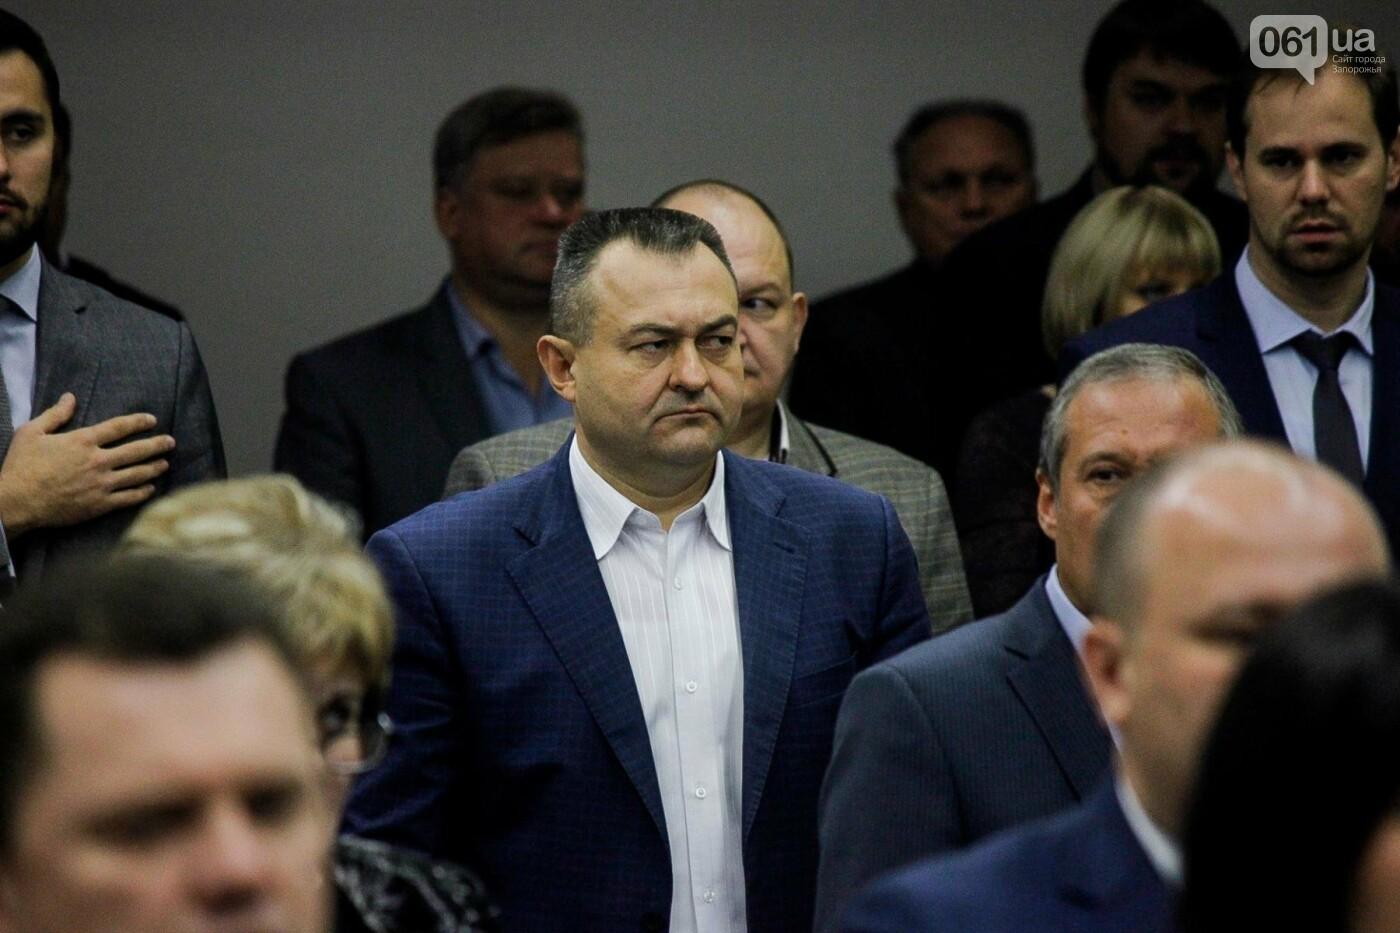 Сессия запорожского горсовета в 55 фотографиях, - ФОТОРЕПОРТАЖ, фото-42